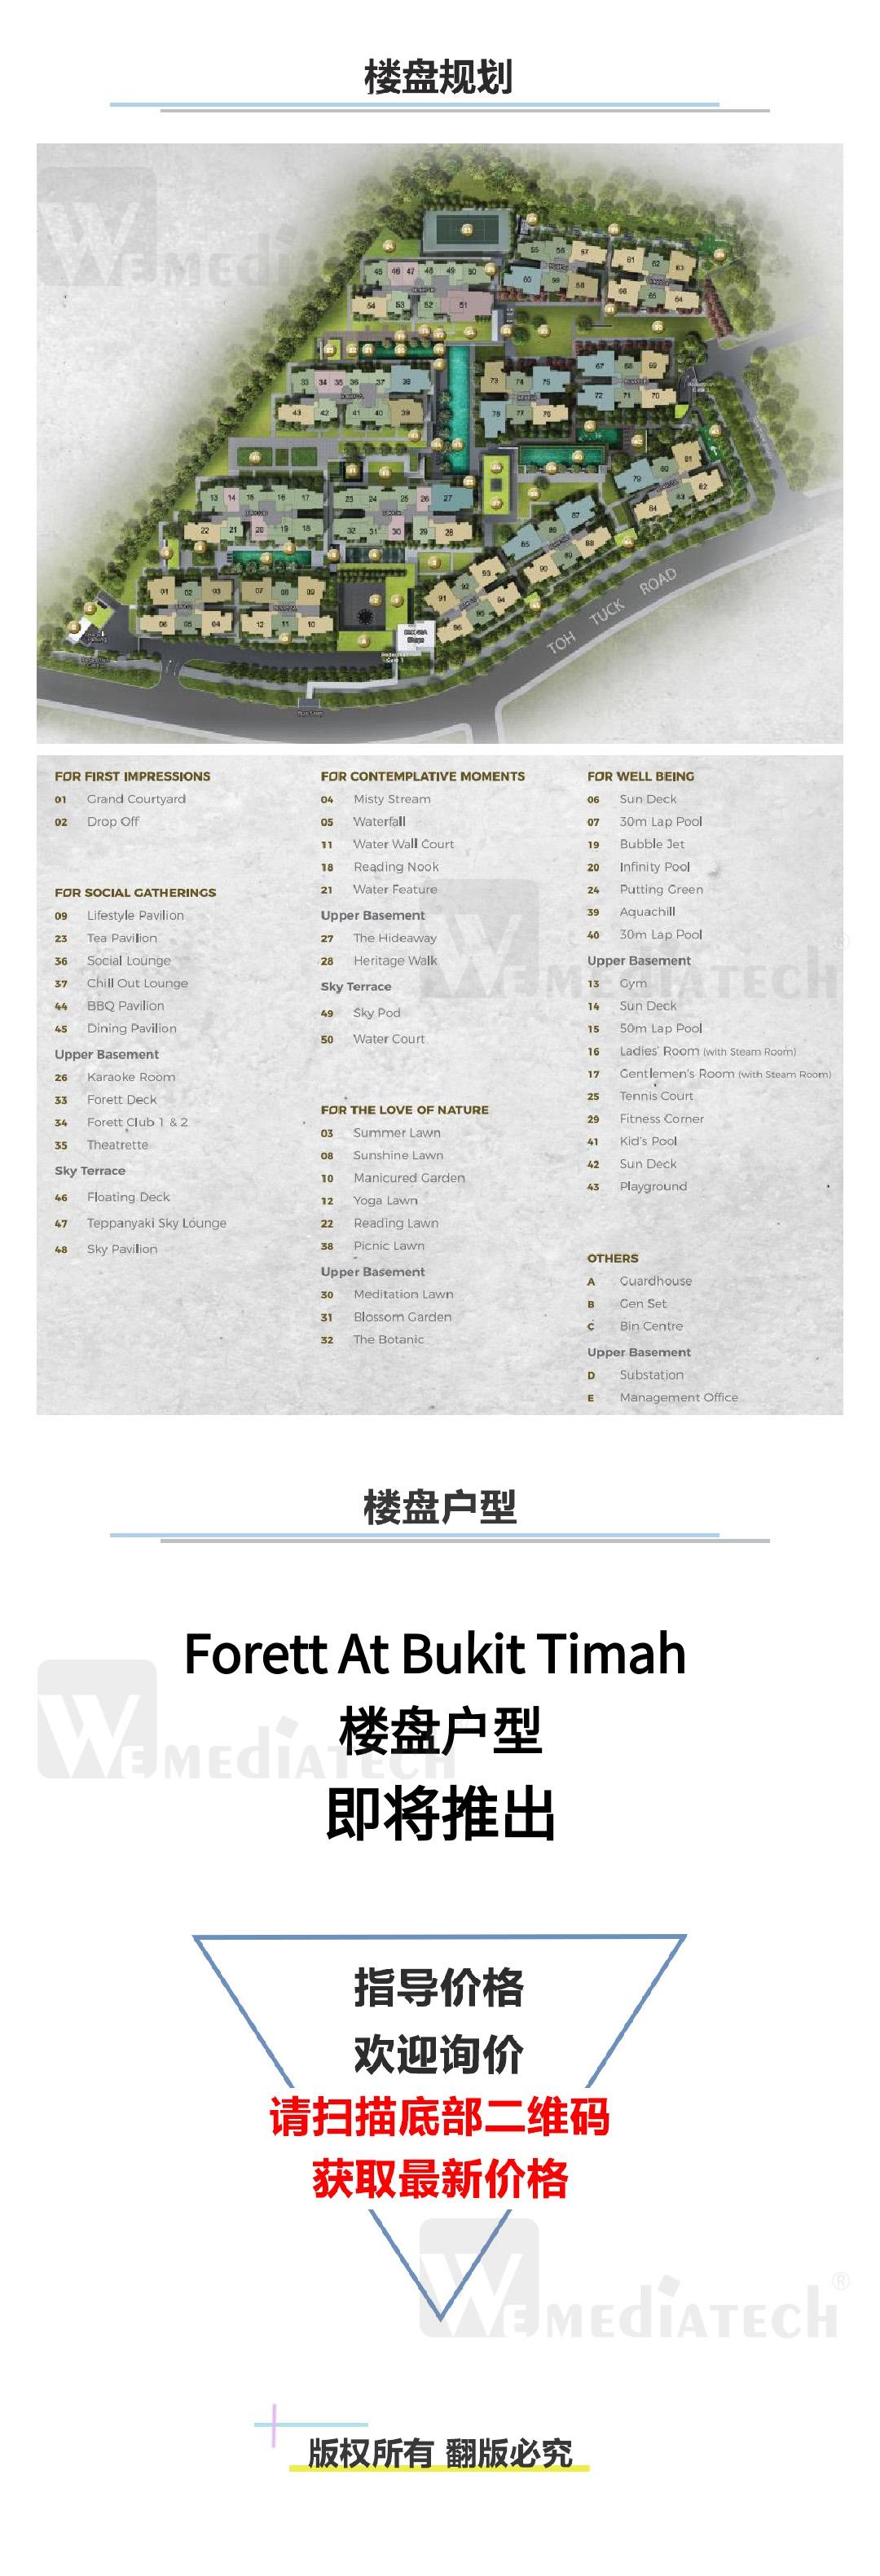 Forett At Bukit Timah(中文).jpg